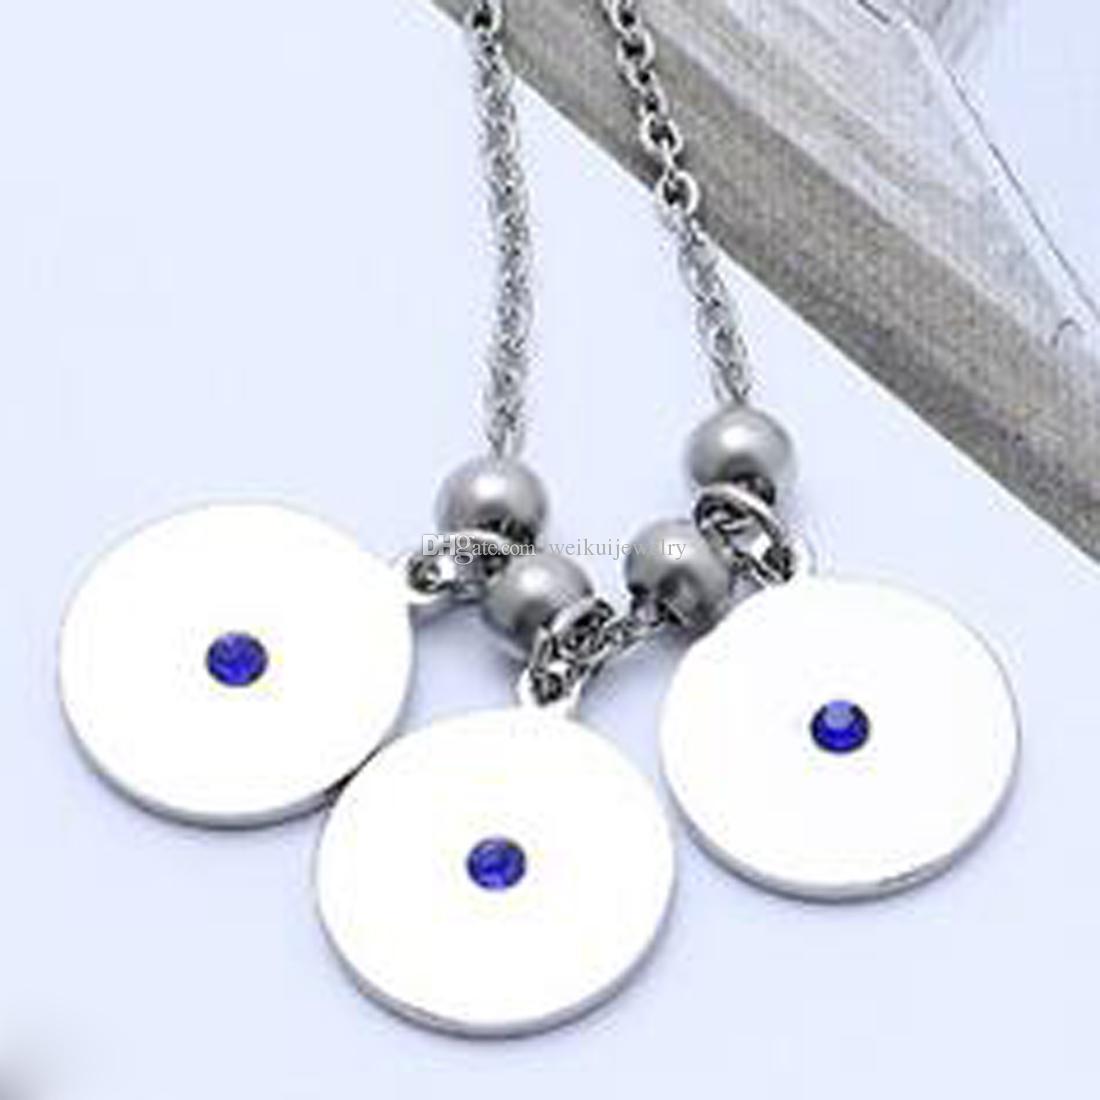 Edelstahl Frauen Einfache Halskette Blauen Kristall Runde Anhänger Valentines Geschenk Für Freundin Frau Freund Beste Geschenk